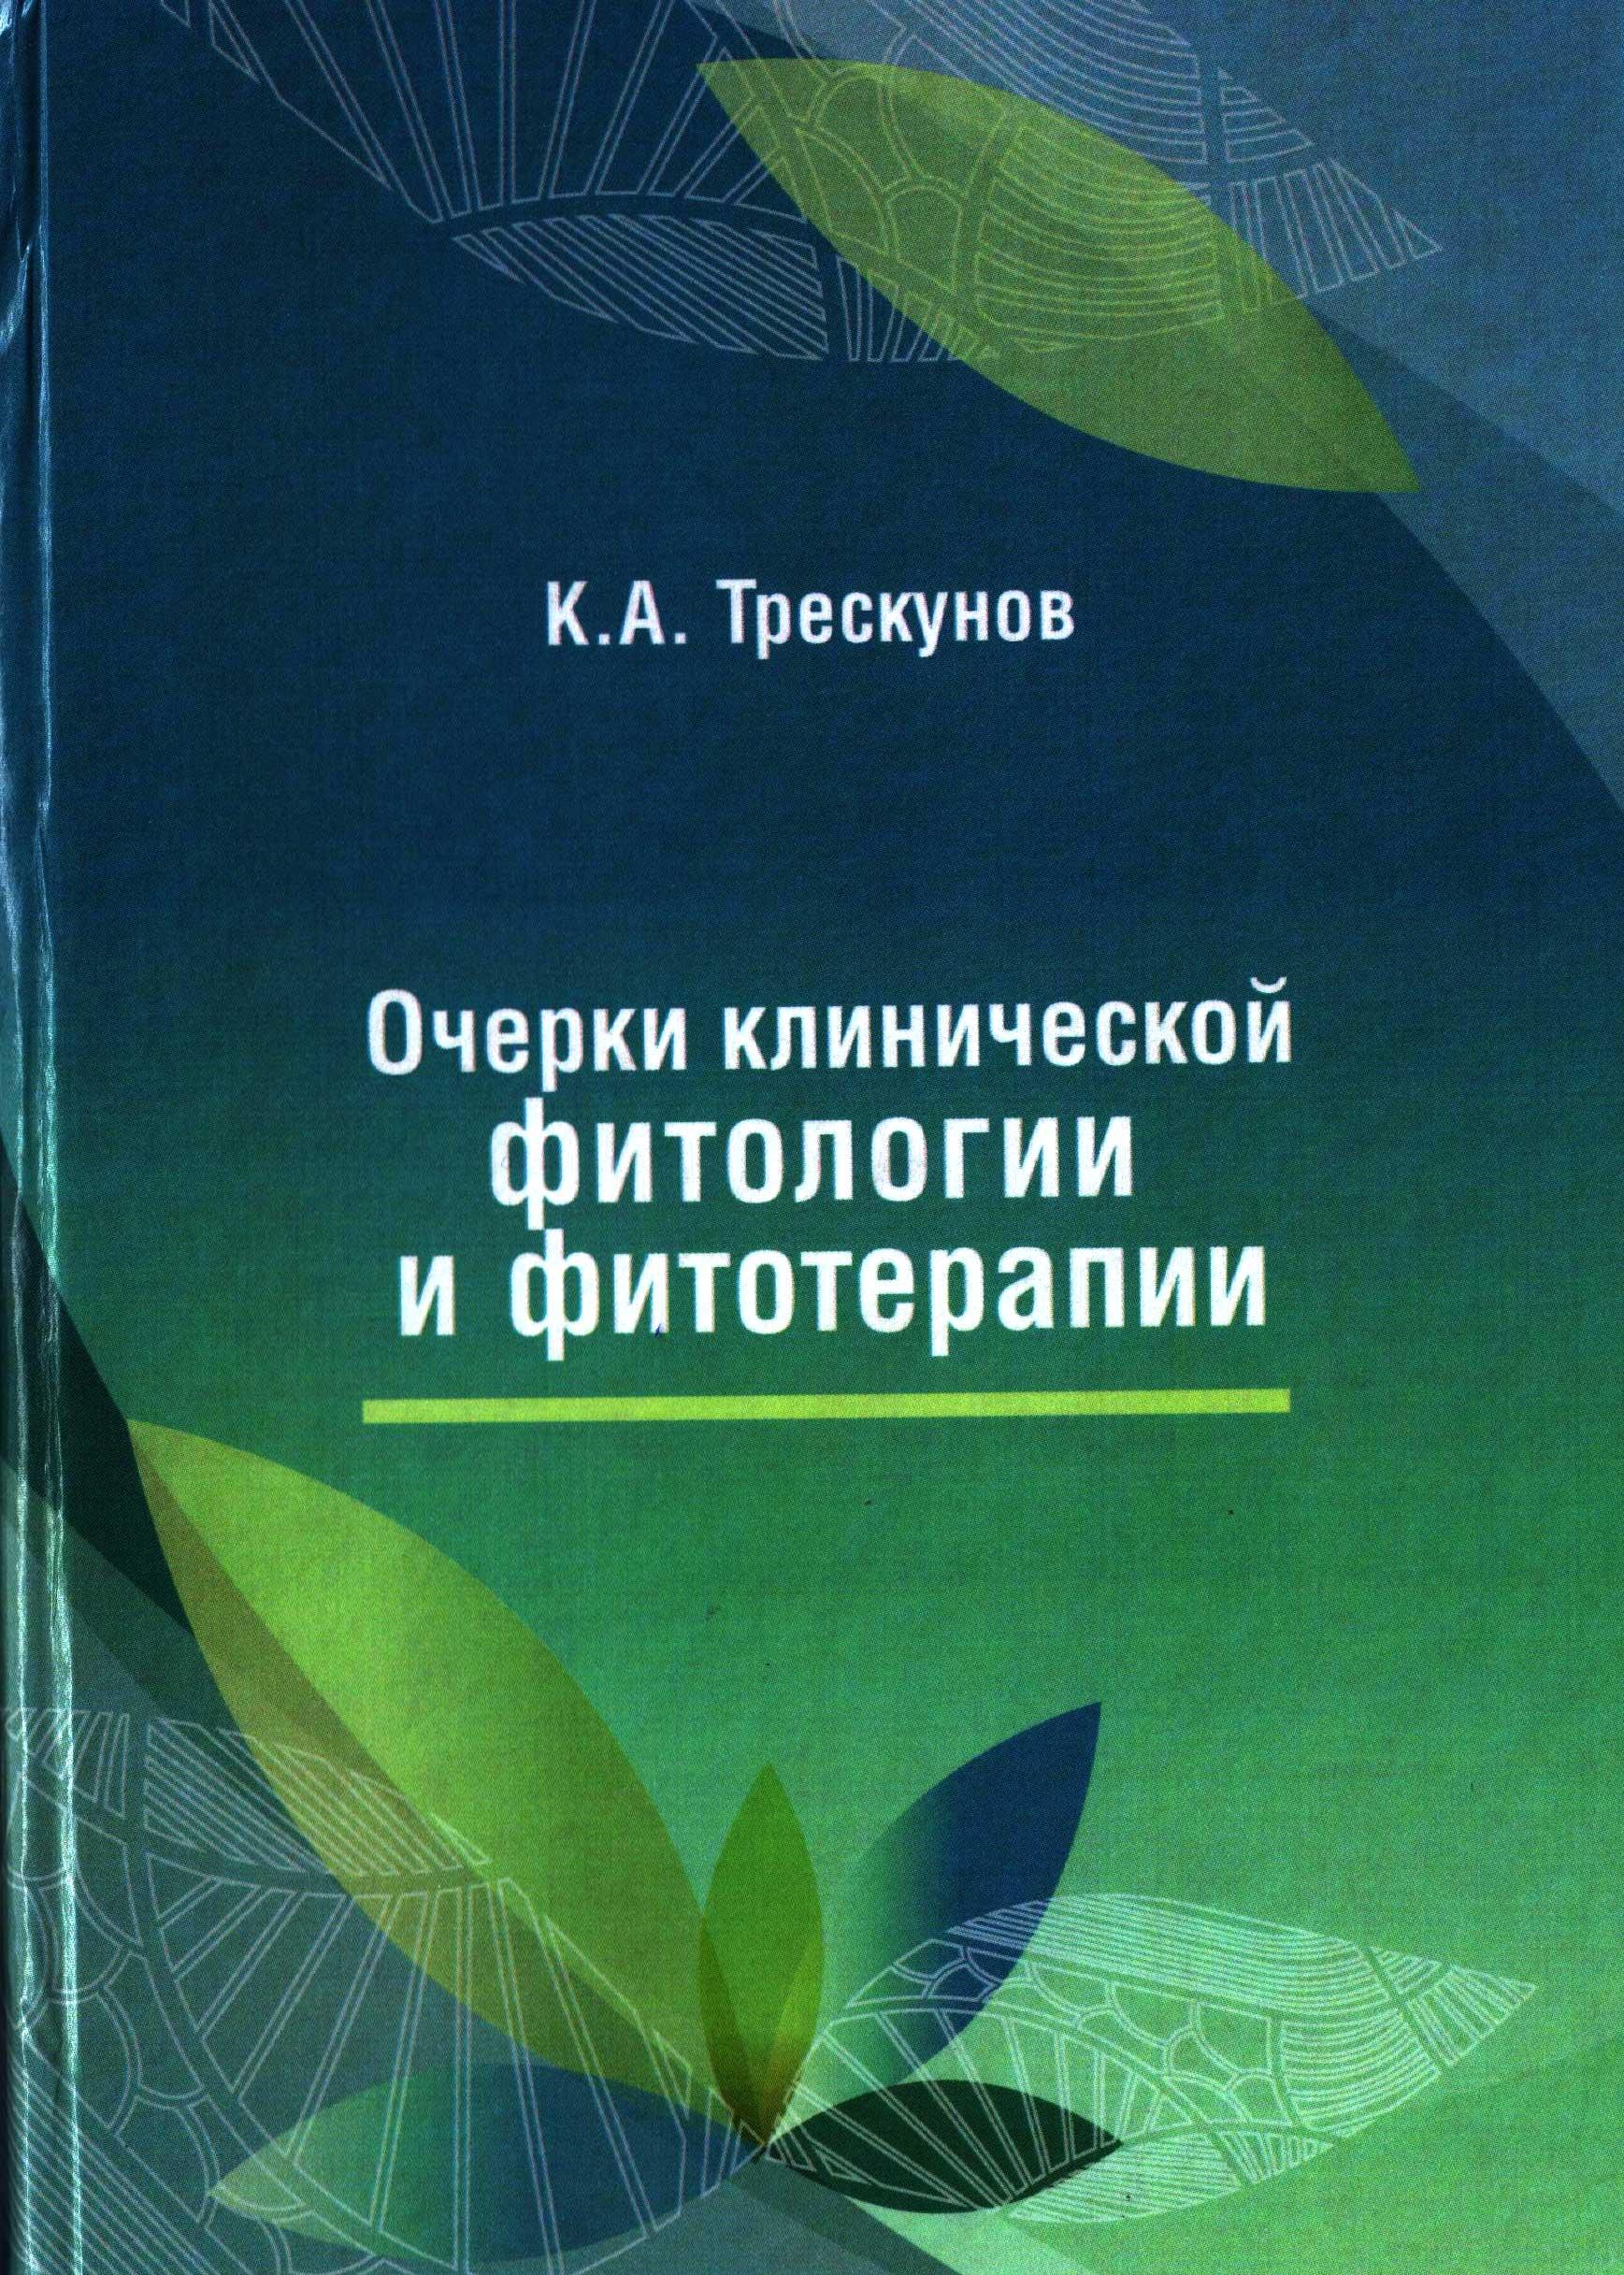 Очерки-клинической-фитологии-и-фитотерапии-Трескунов-КА-веб